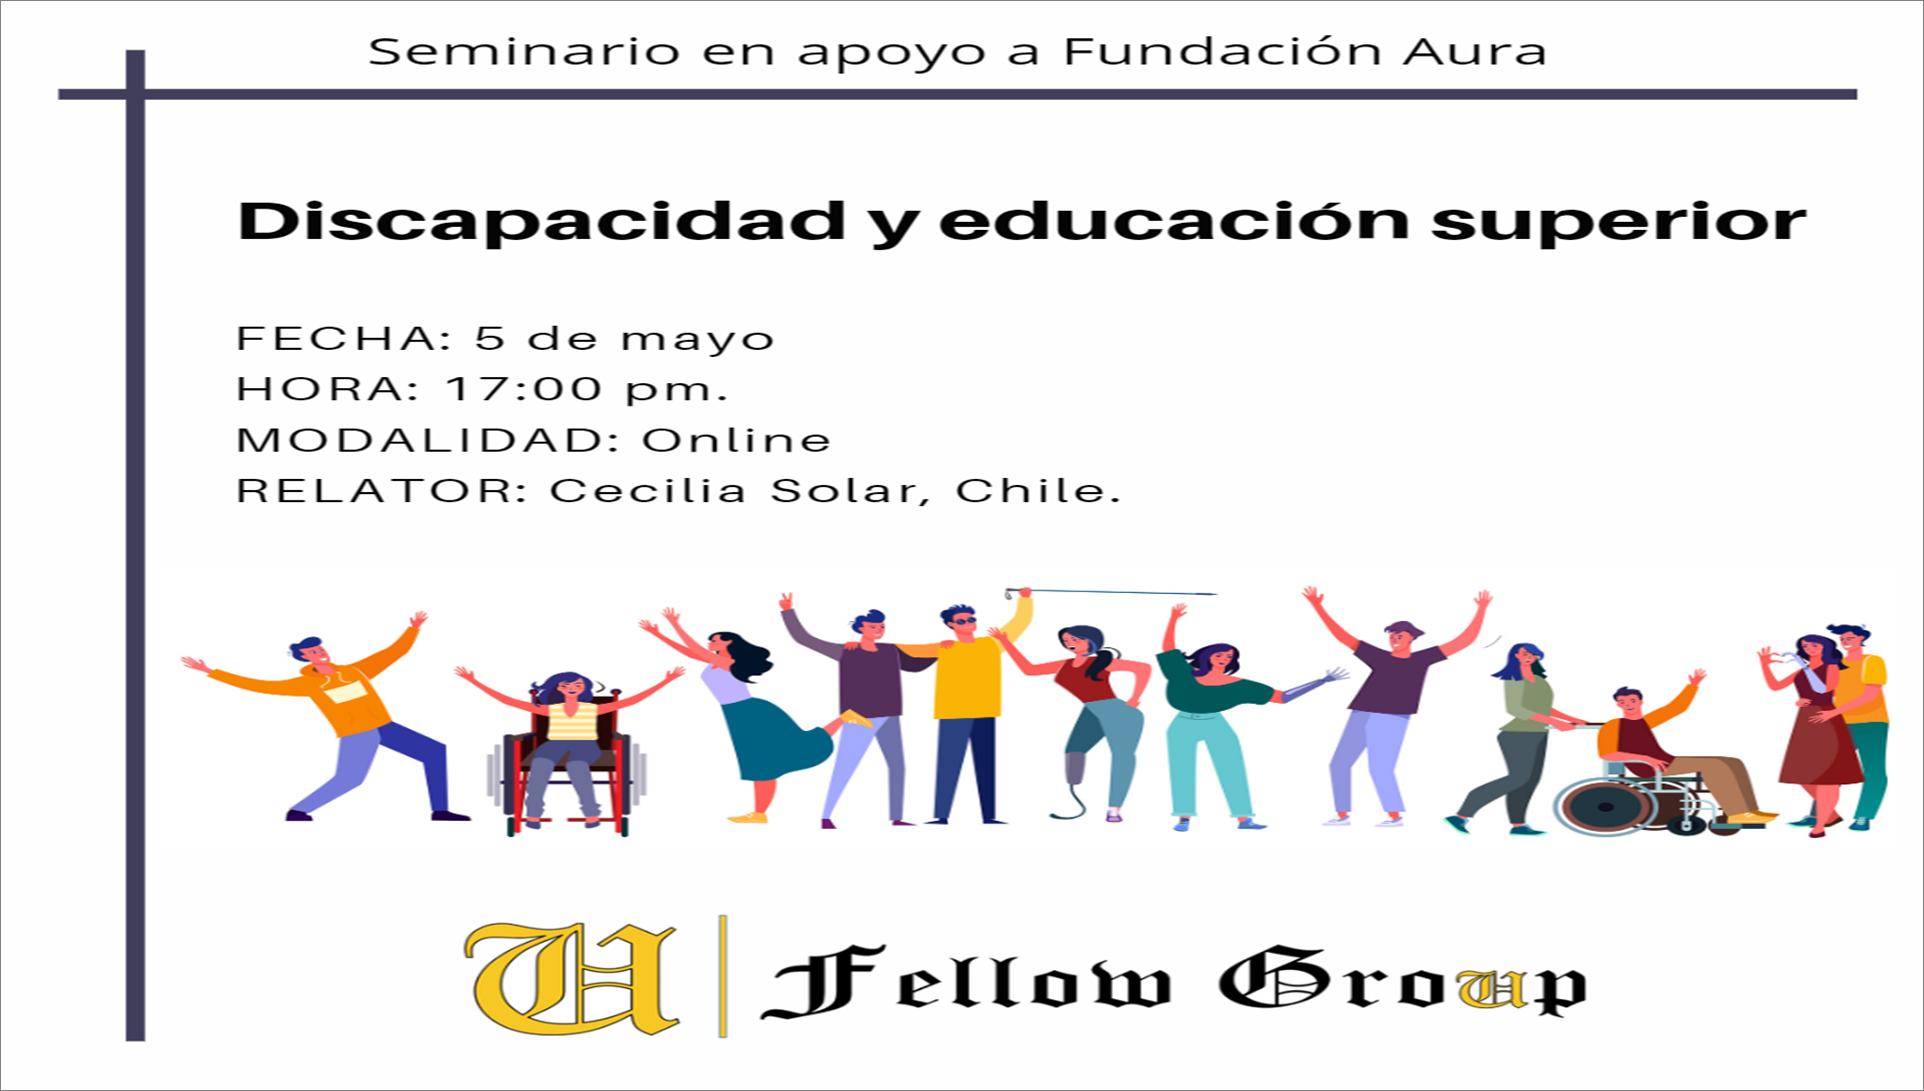 Course Image Seminario: Discapacidad y educación superior